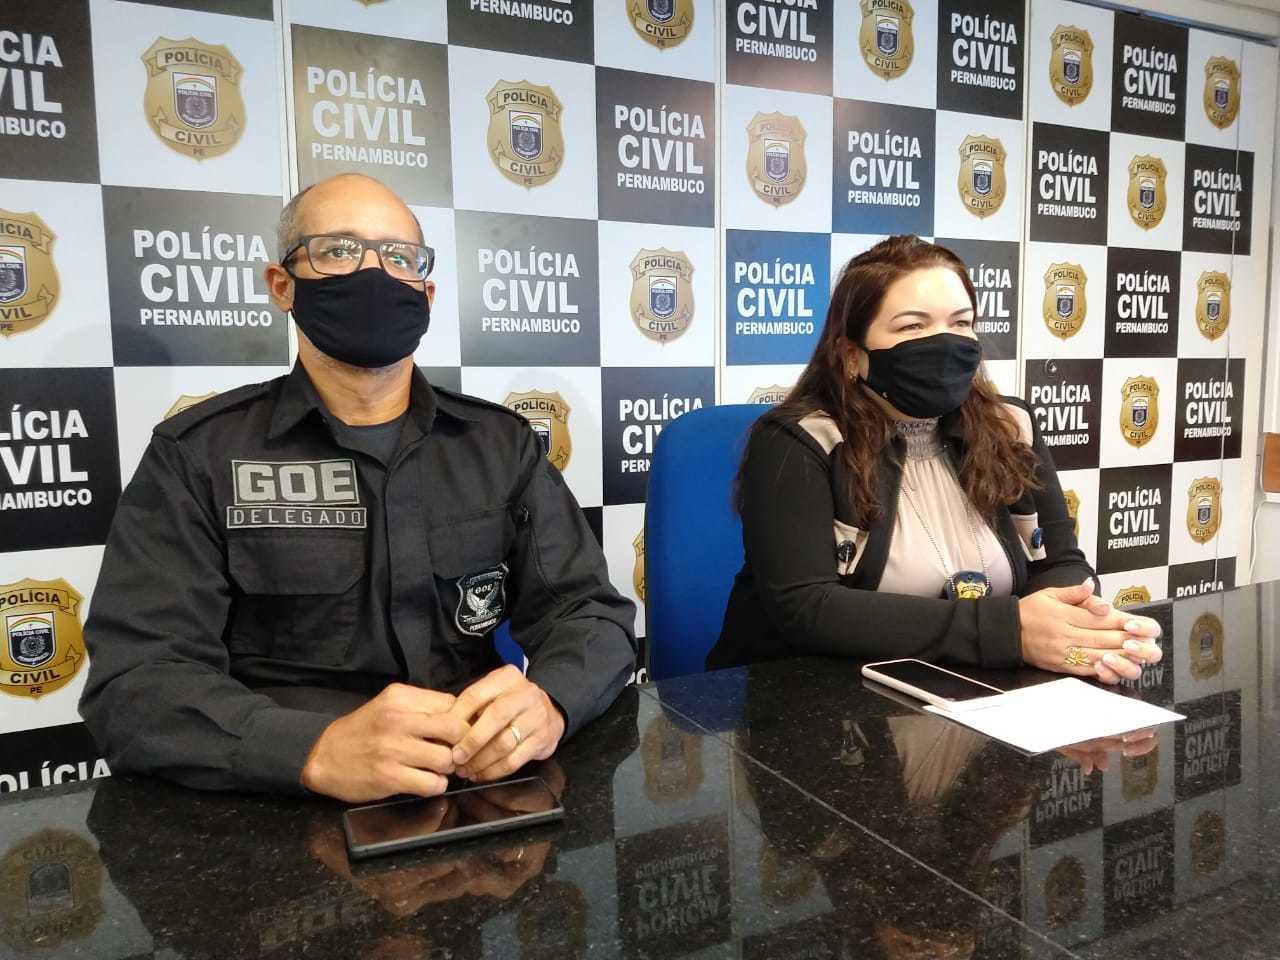 Operação foi deflagrada pela Polícia Civil do Pernambuco e contou com a colaboração de outros 4 estados (Foto: Divulgação)